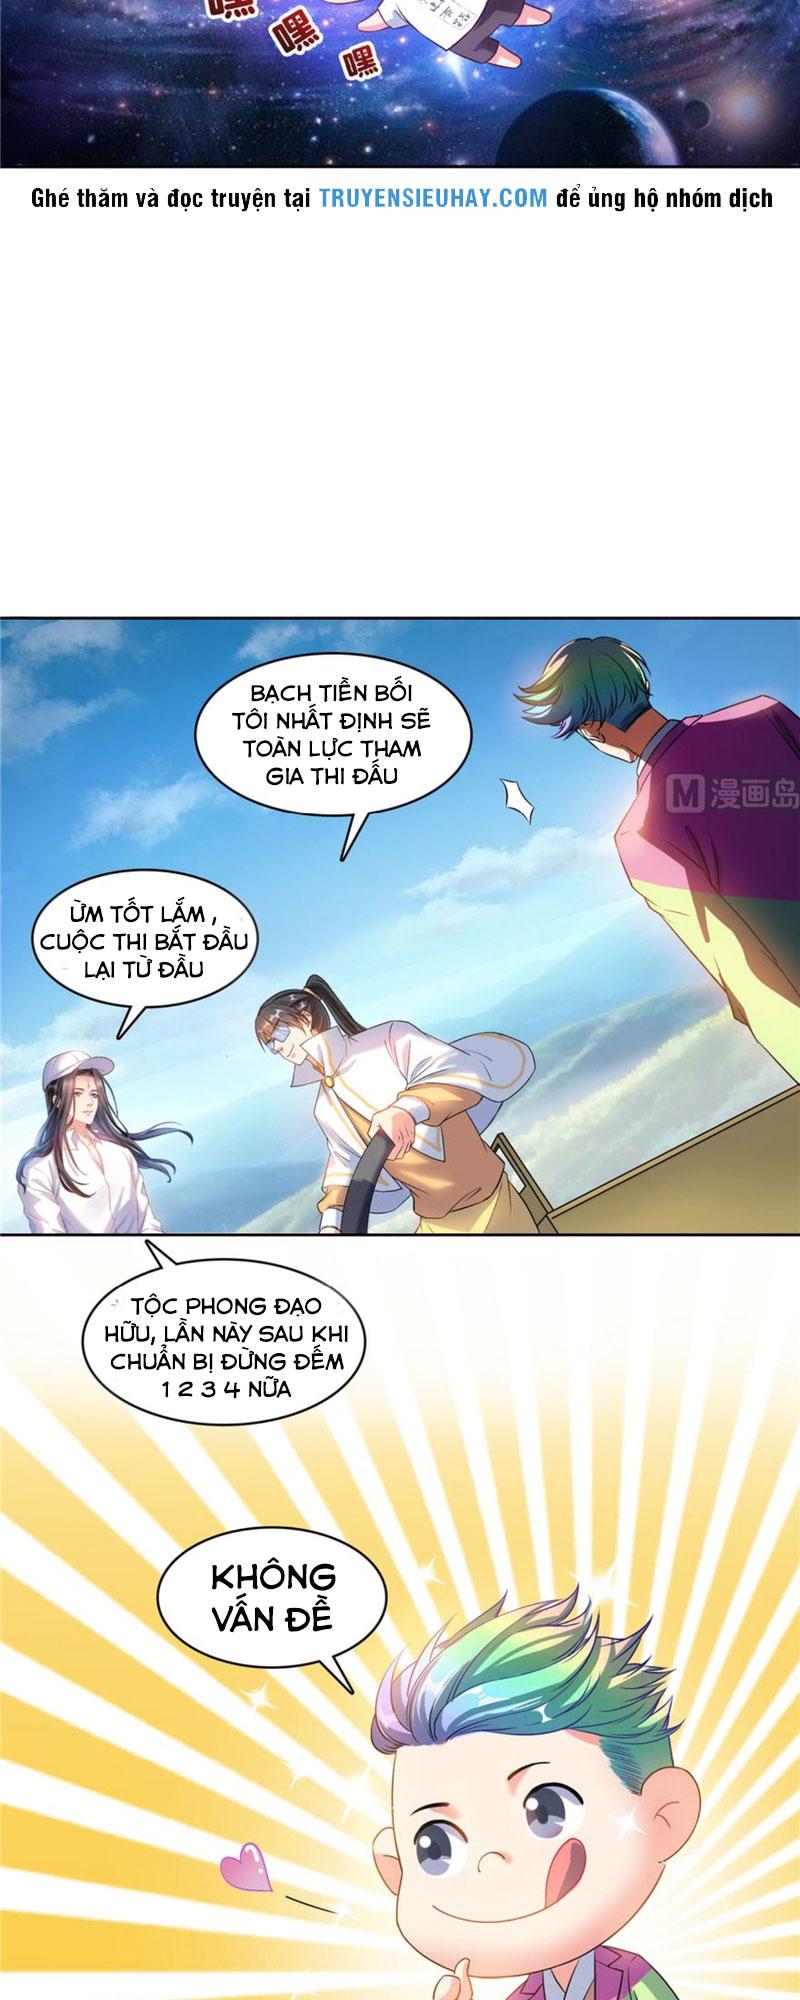 Tu Chân Nói Chuyện Phiếm Quần chap 252 - Trang 13